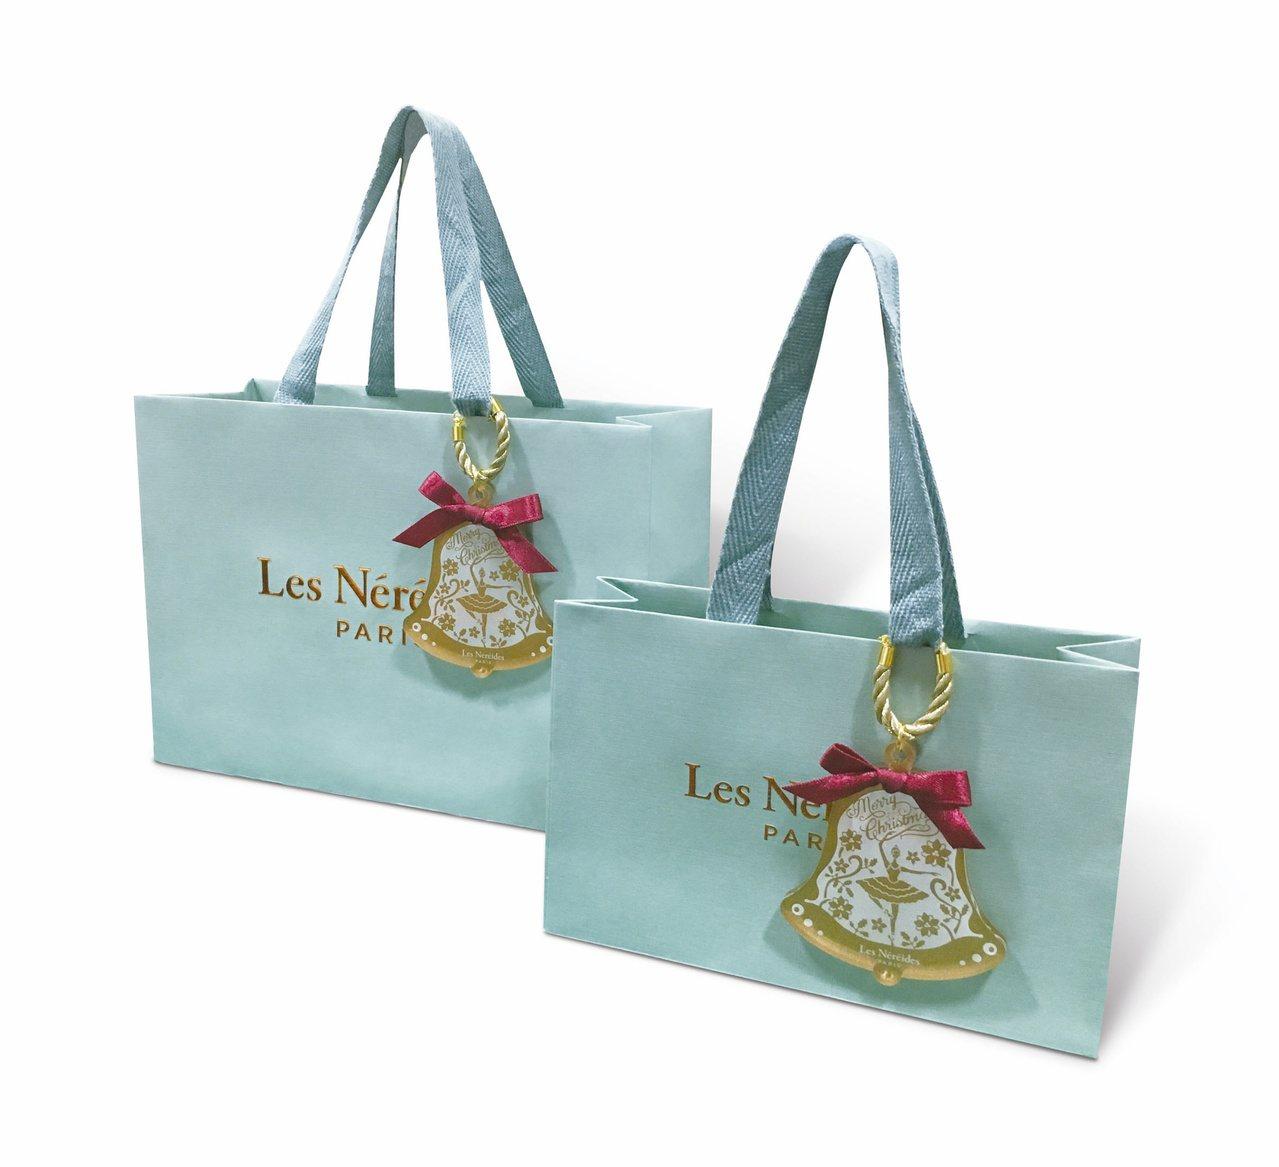 耶誕舞伶限定包裝。圖/Les Néréides提供